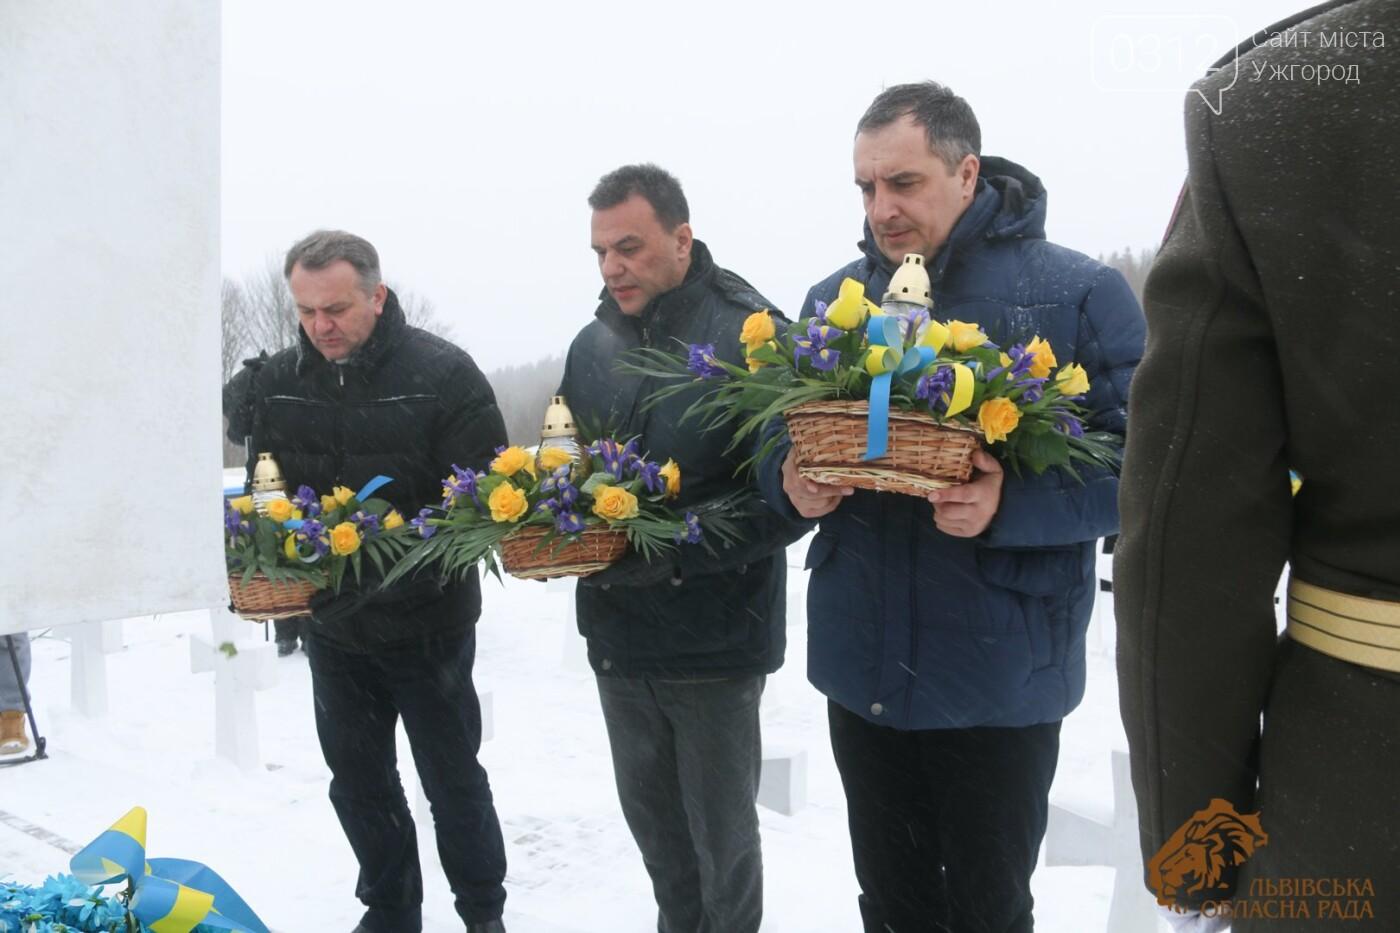 Закарпатці віддали шану полеглим січовикам Карпатської України на Верецькому перевалі (ФОТОРЕПОРТАЖ), фото-3